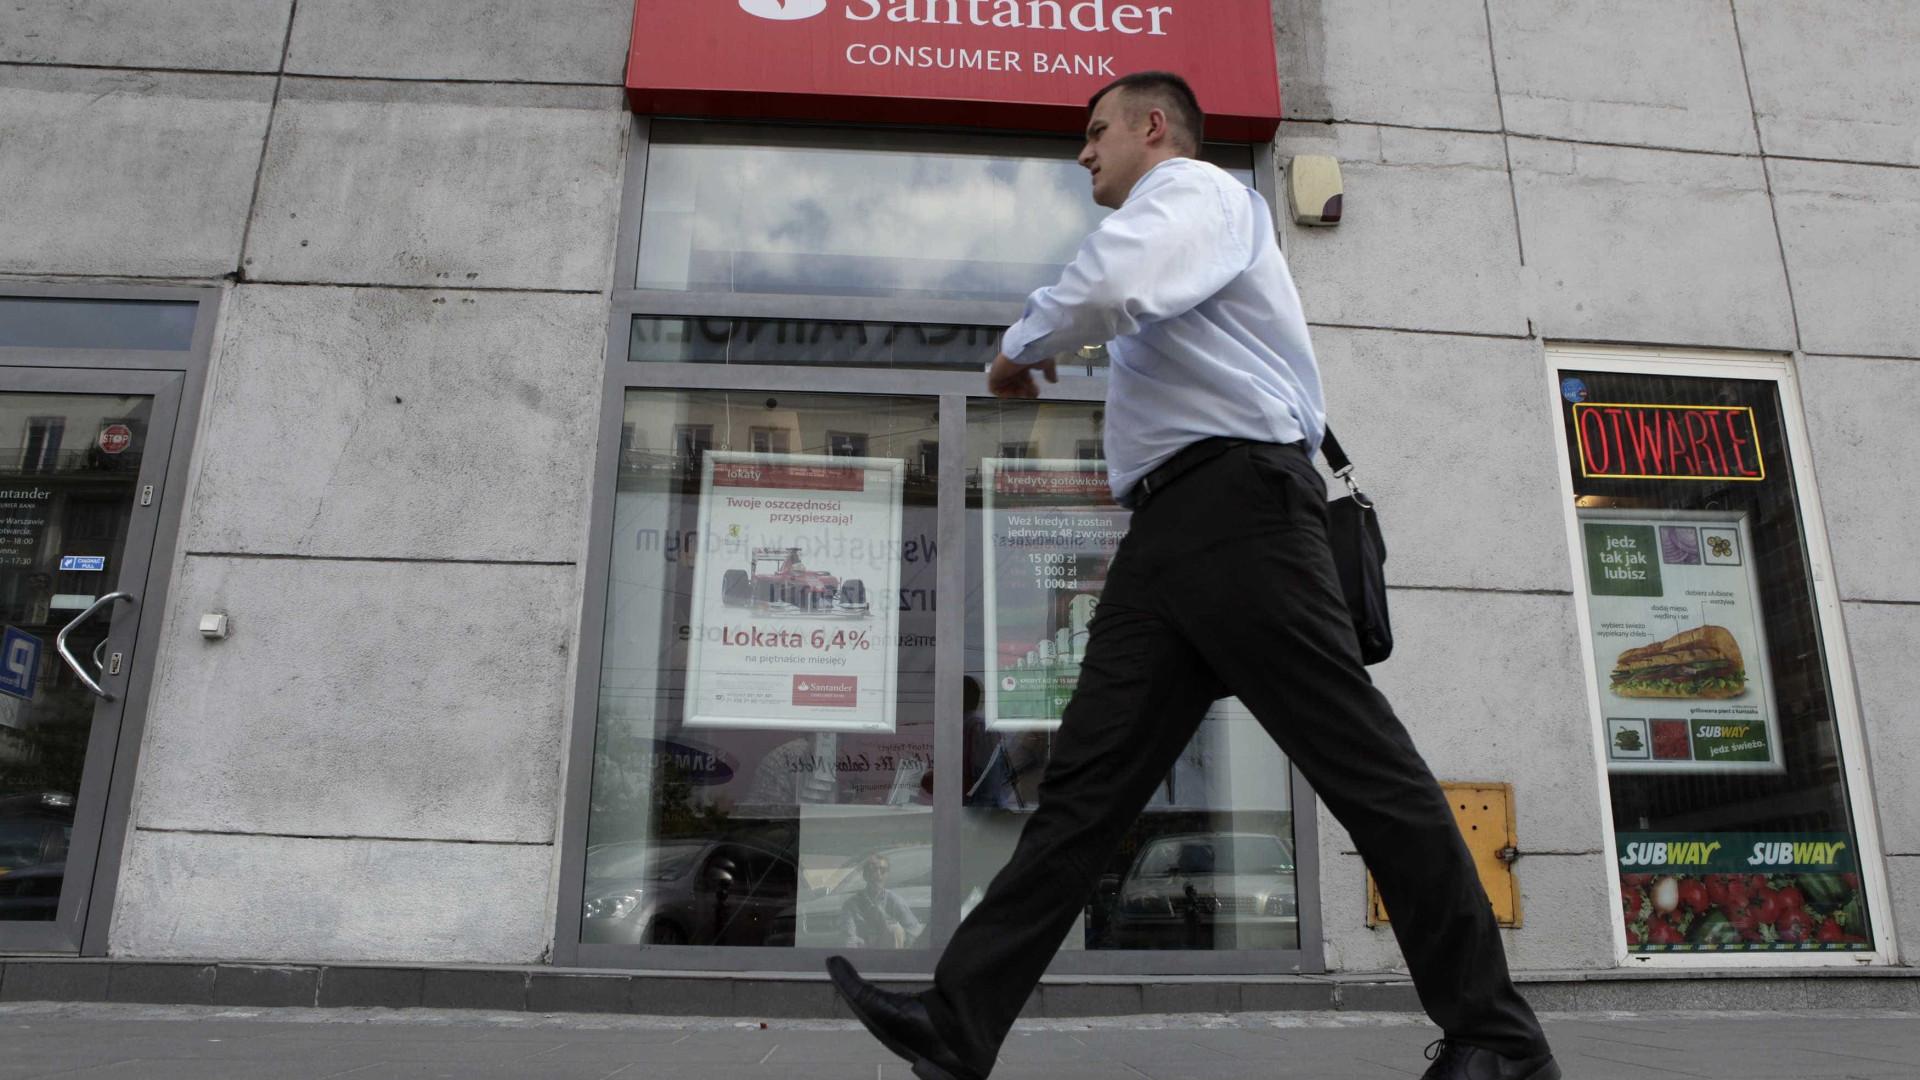 Santander nomeia como administrador o presidente da filial no Brasil